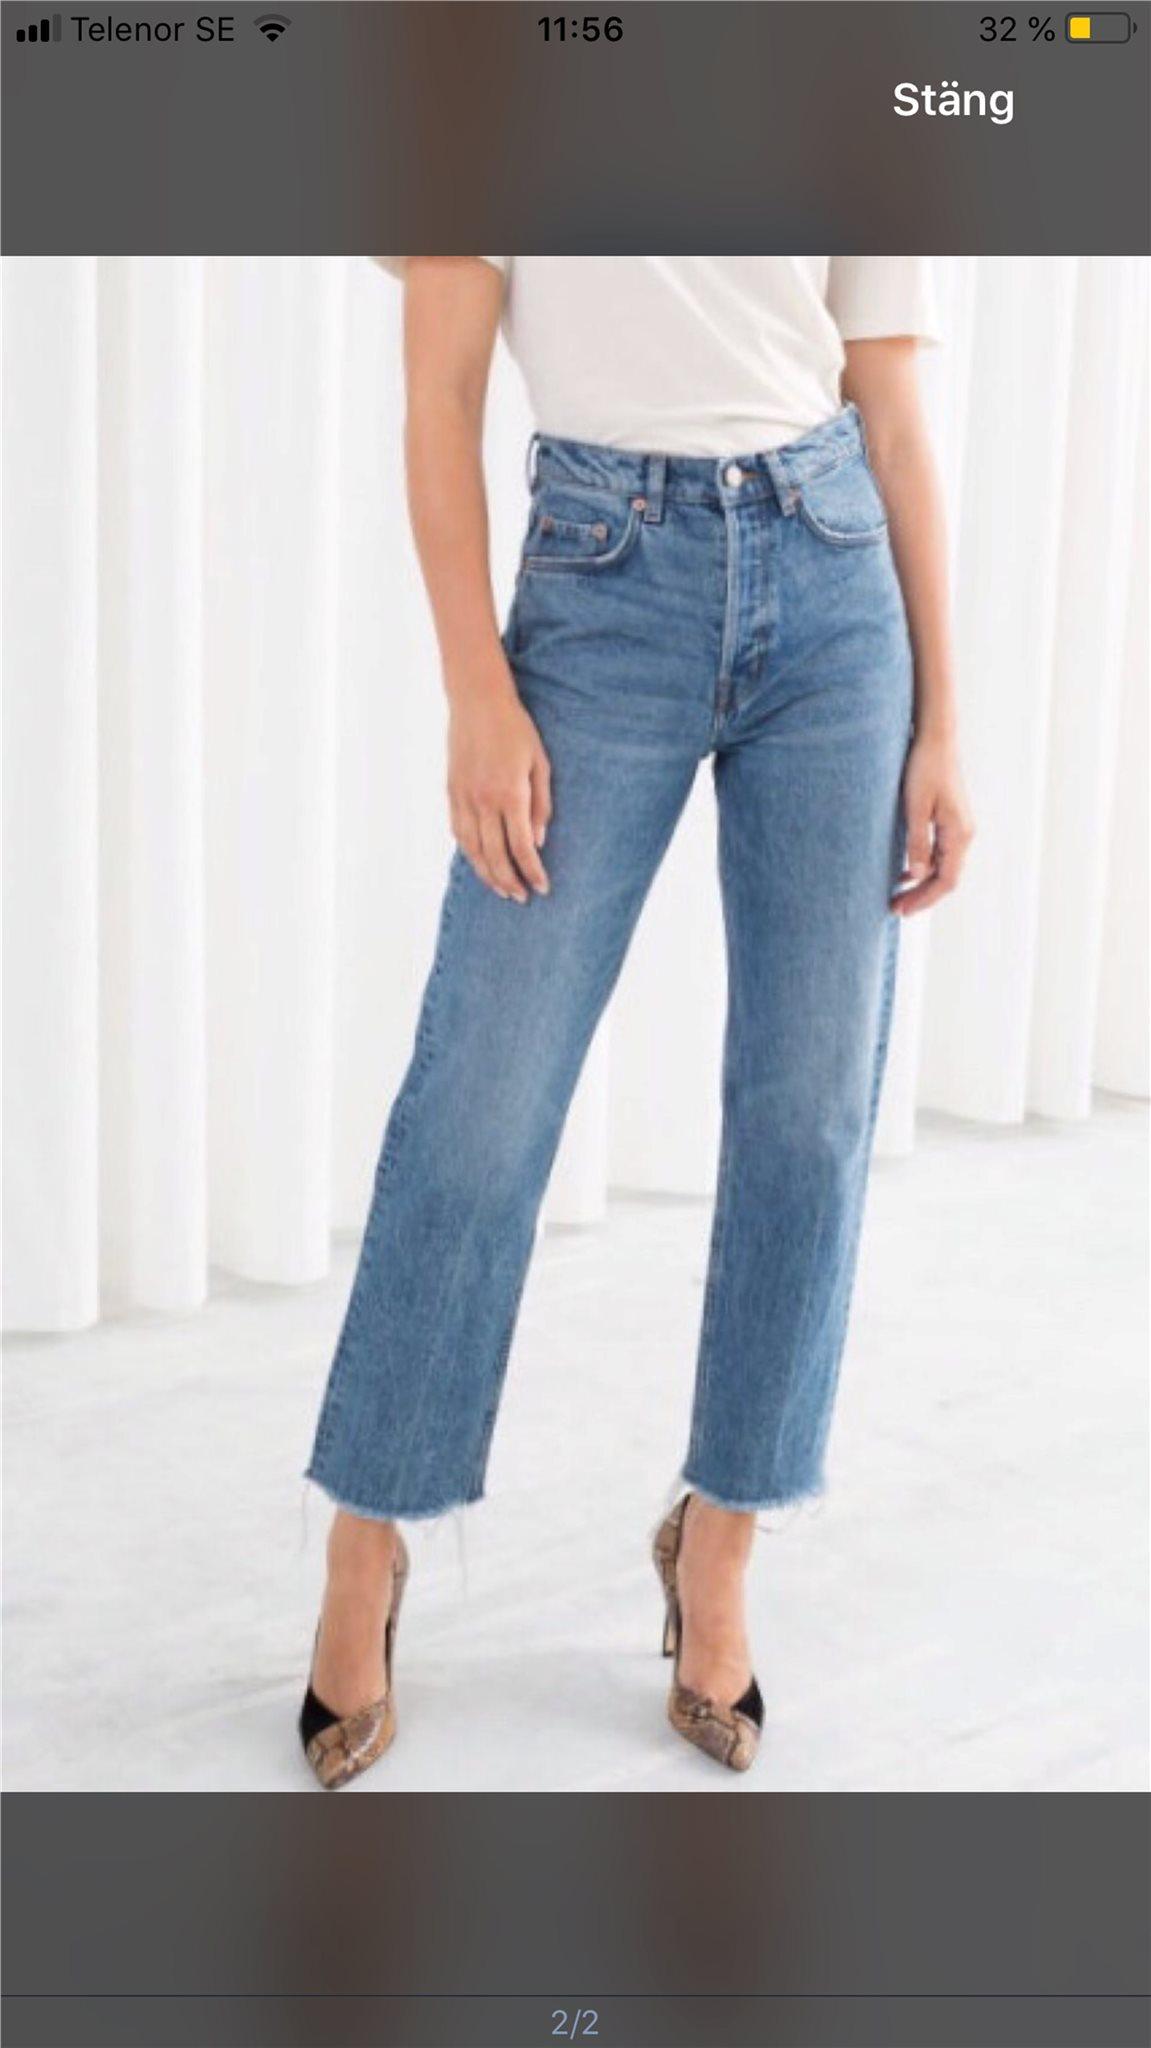 c3e1bff53b4a Boyfriend Jeans - Other stories (338011091) ᐈ Köp på Tradera